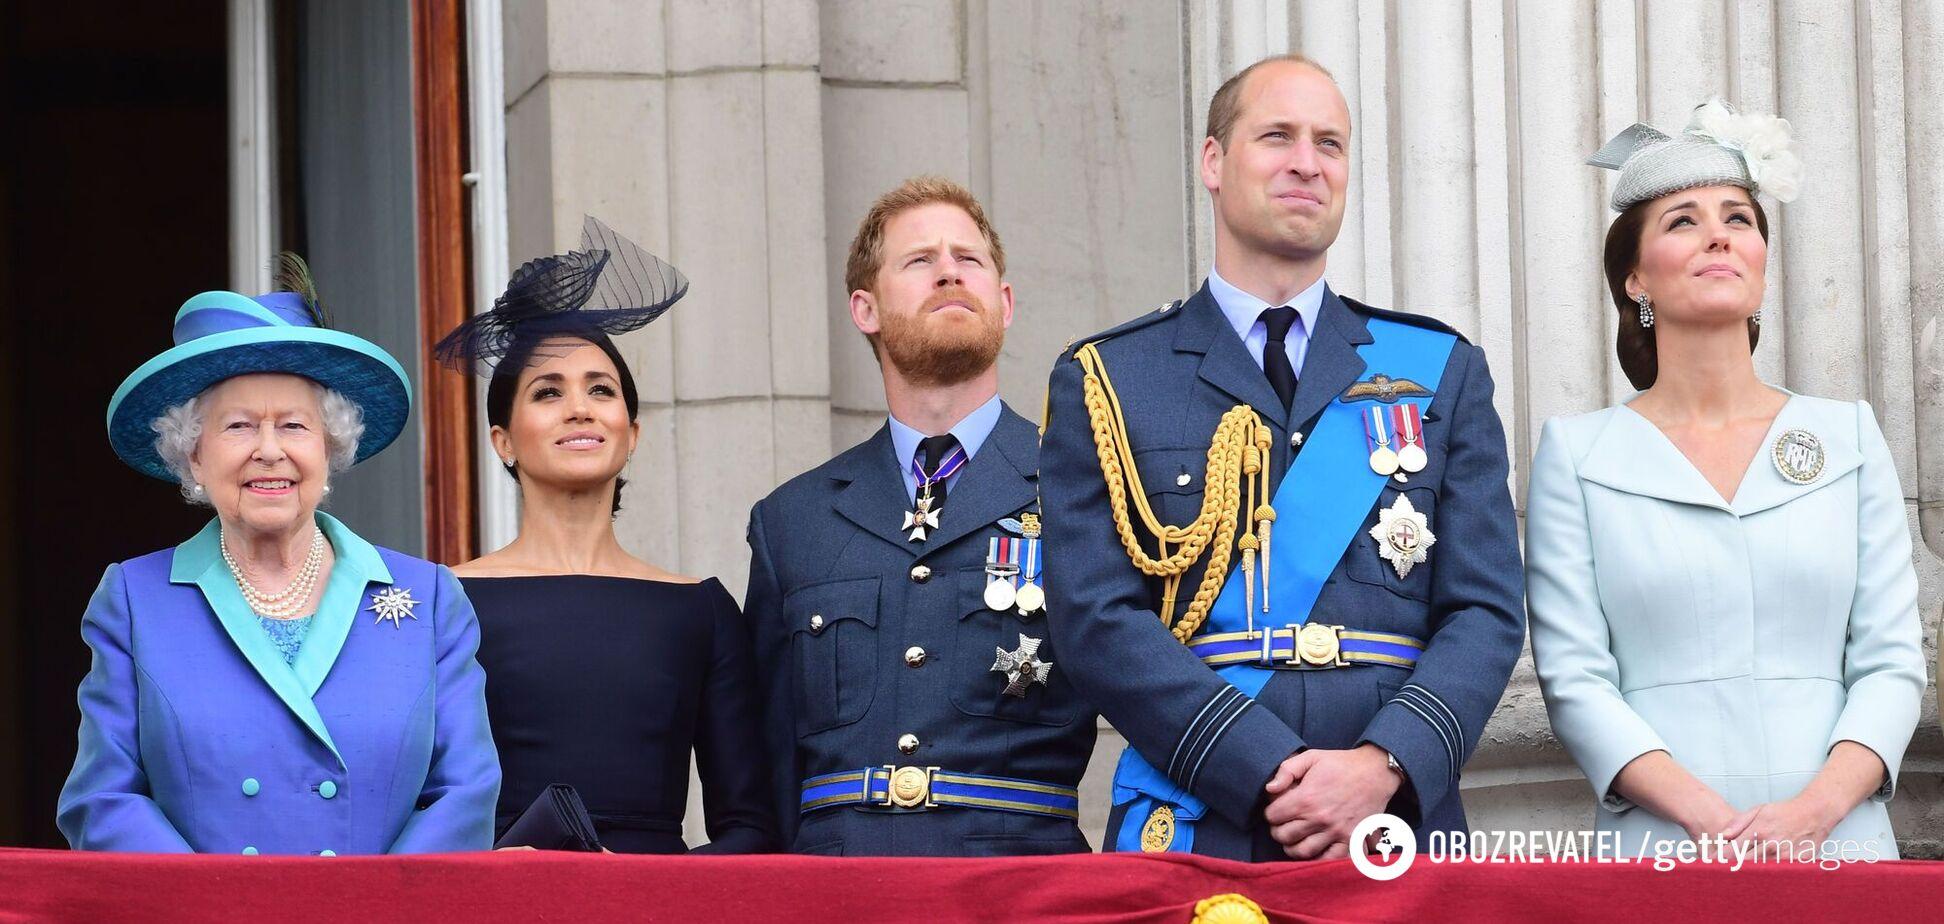 Елизавета II, Кейт Миддлтон и другие: как королевская семья поздравила Меган Маркл с 40-летием